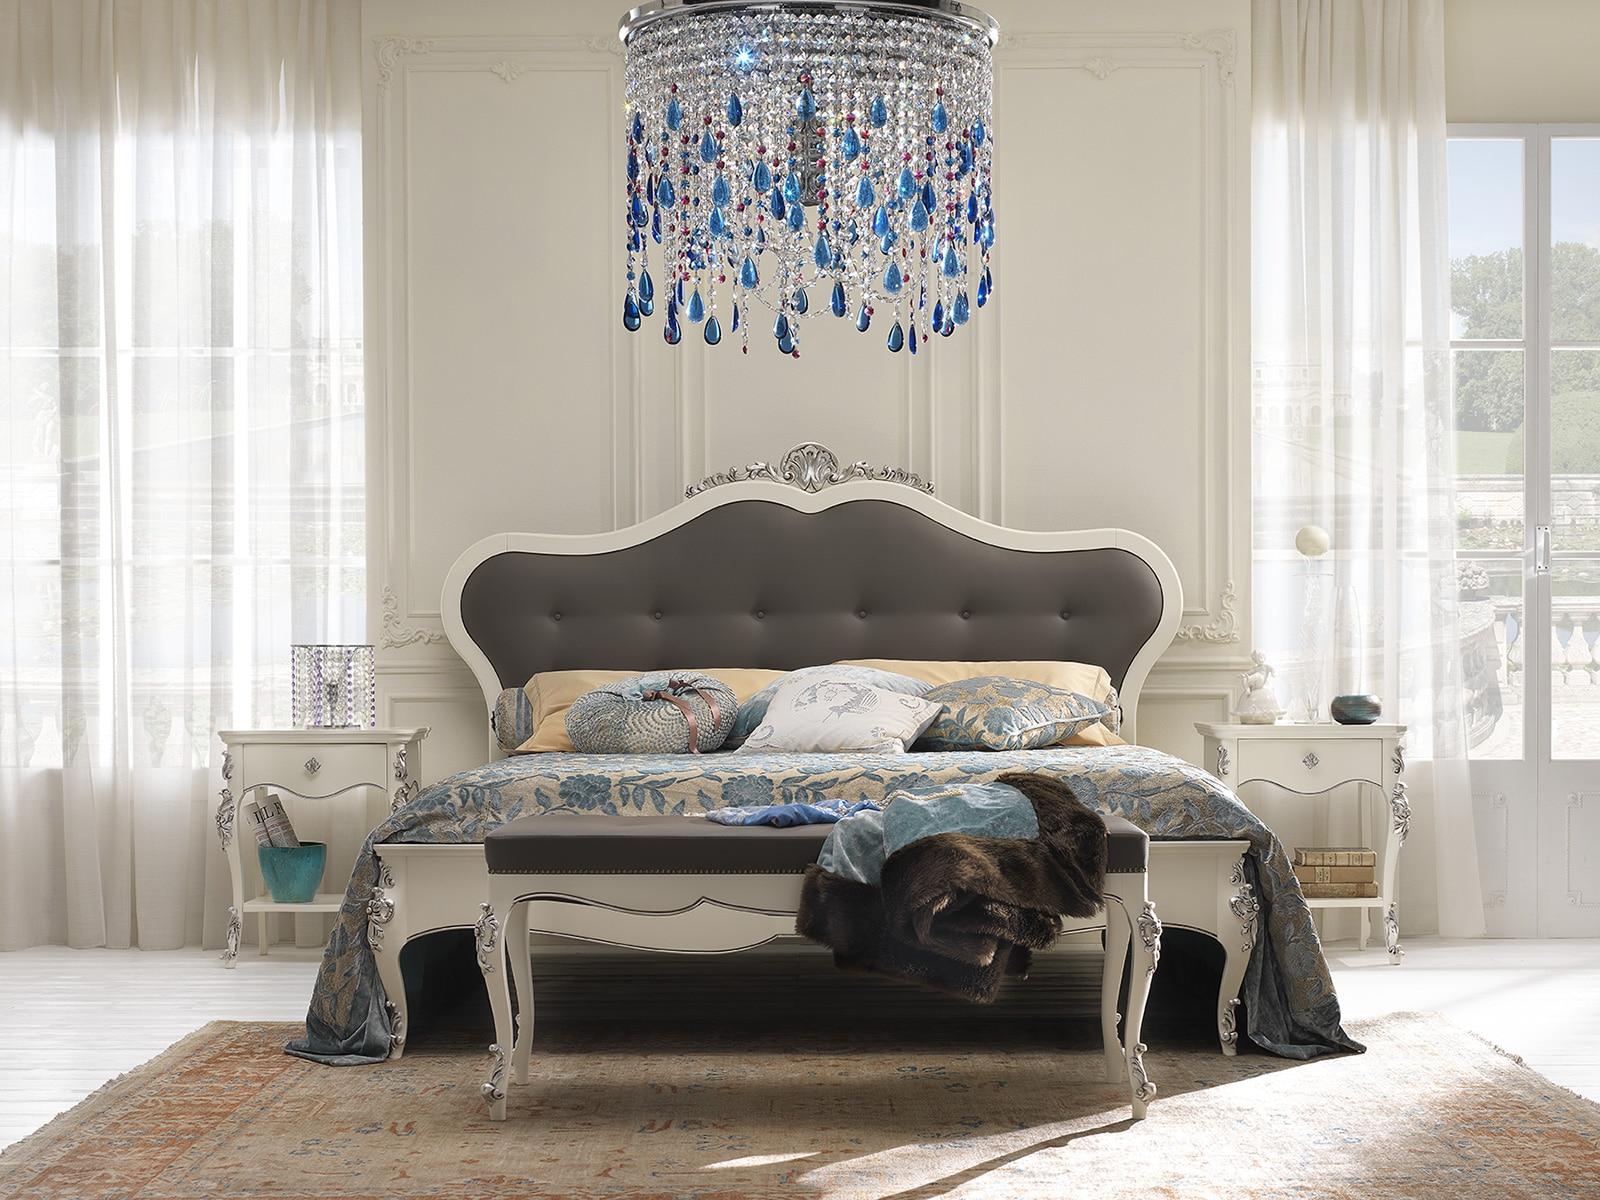 Borini roberto fabbrica e magazzino mobili d 39 arte for Arredamenti roberto nobili